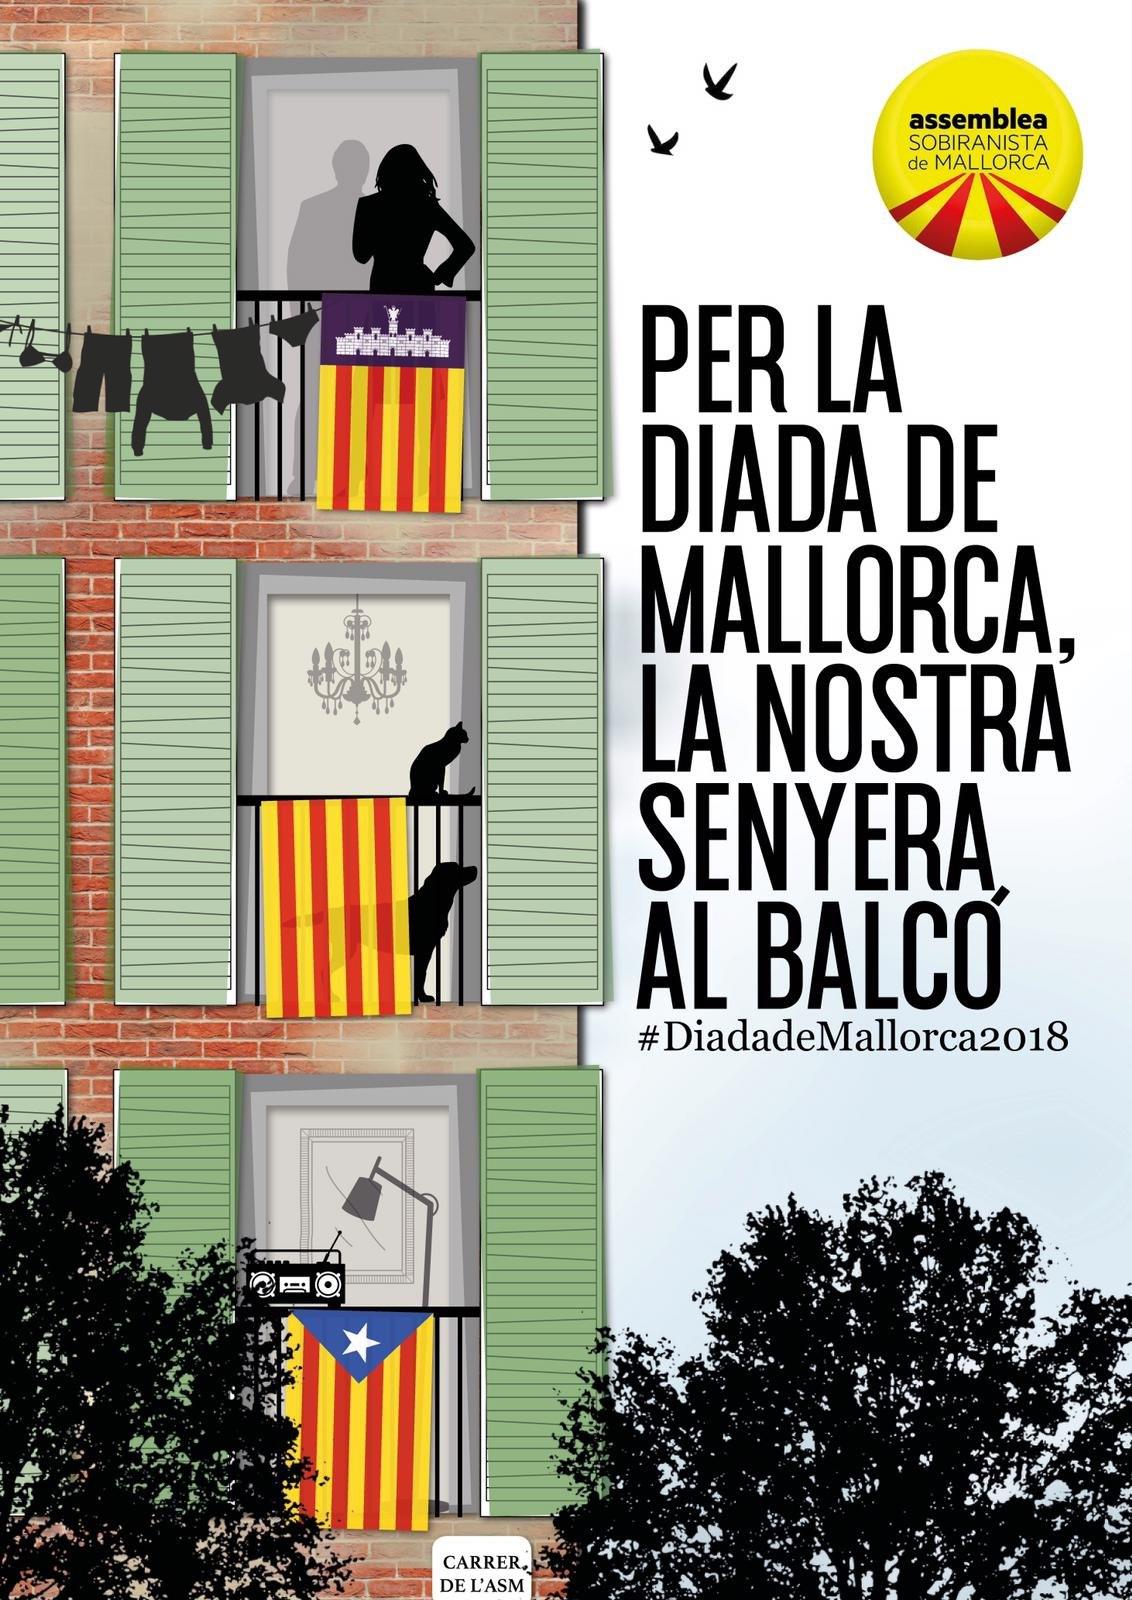 Per la Diada de Mallorca, la nostra senyera al balcó!